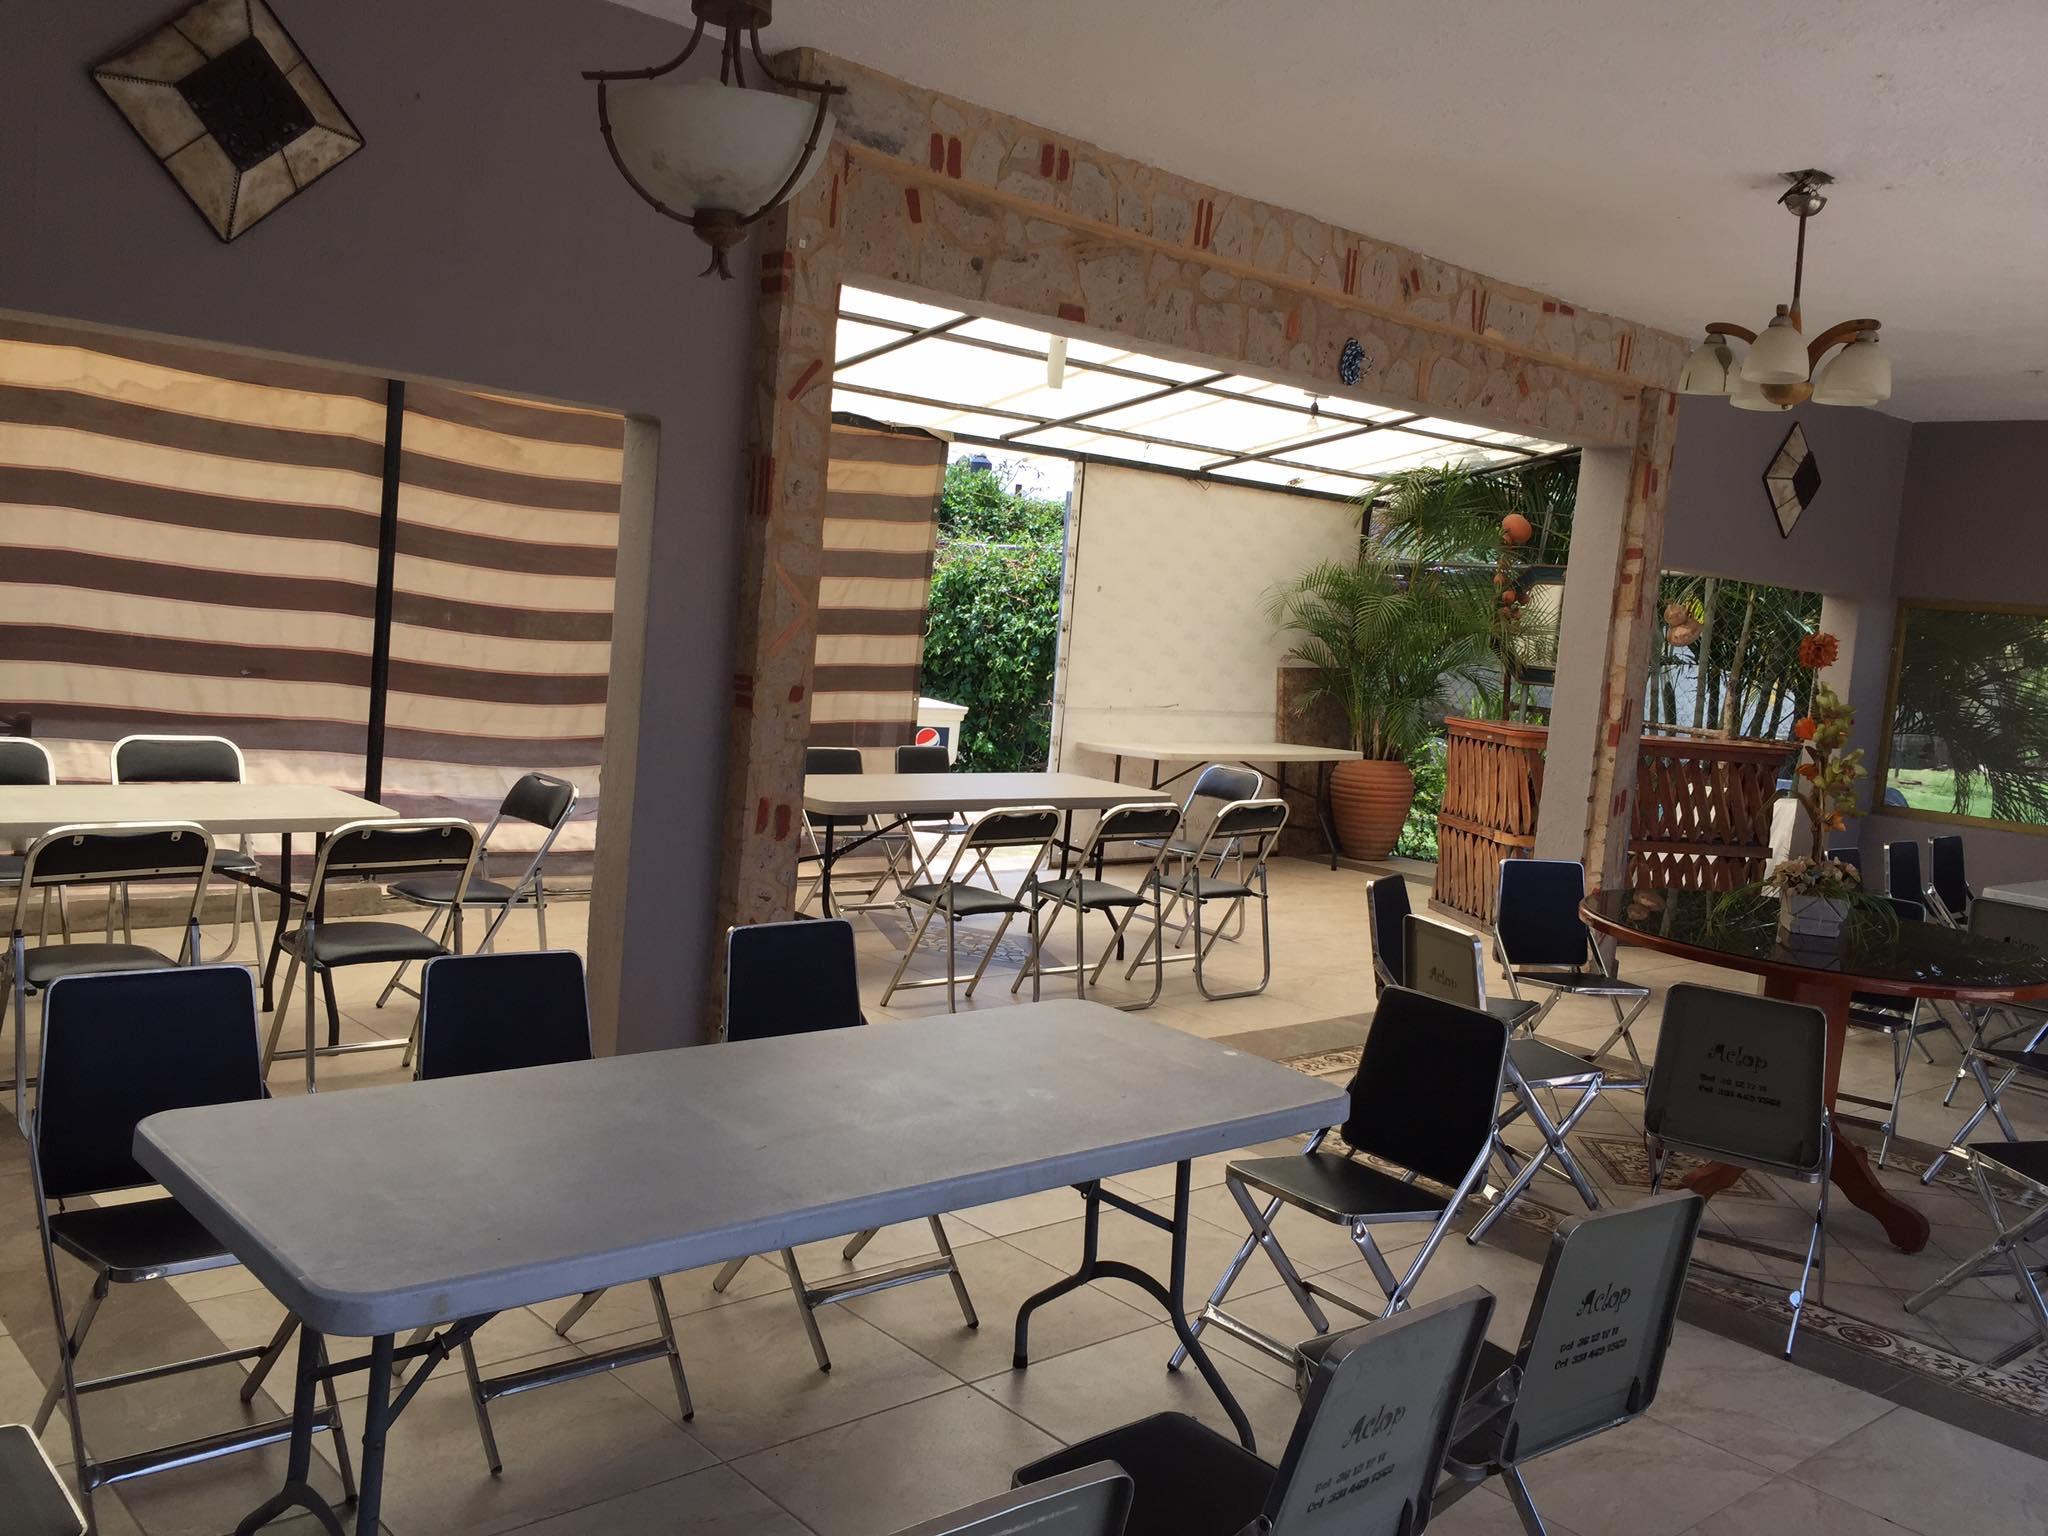 Imagen 6 del espacio Villa Catalina en Zapopan, México